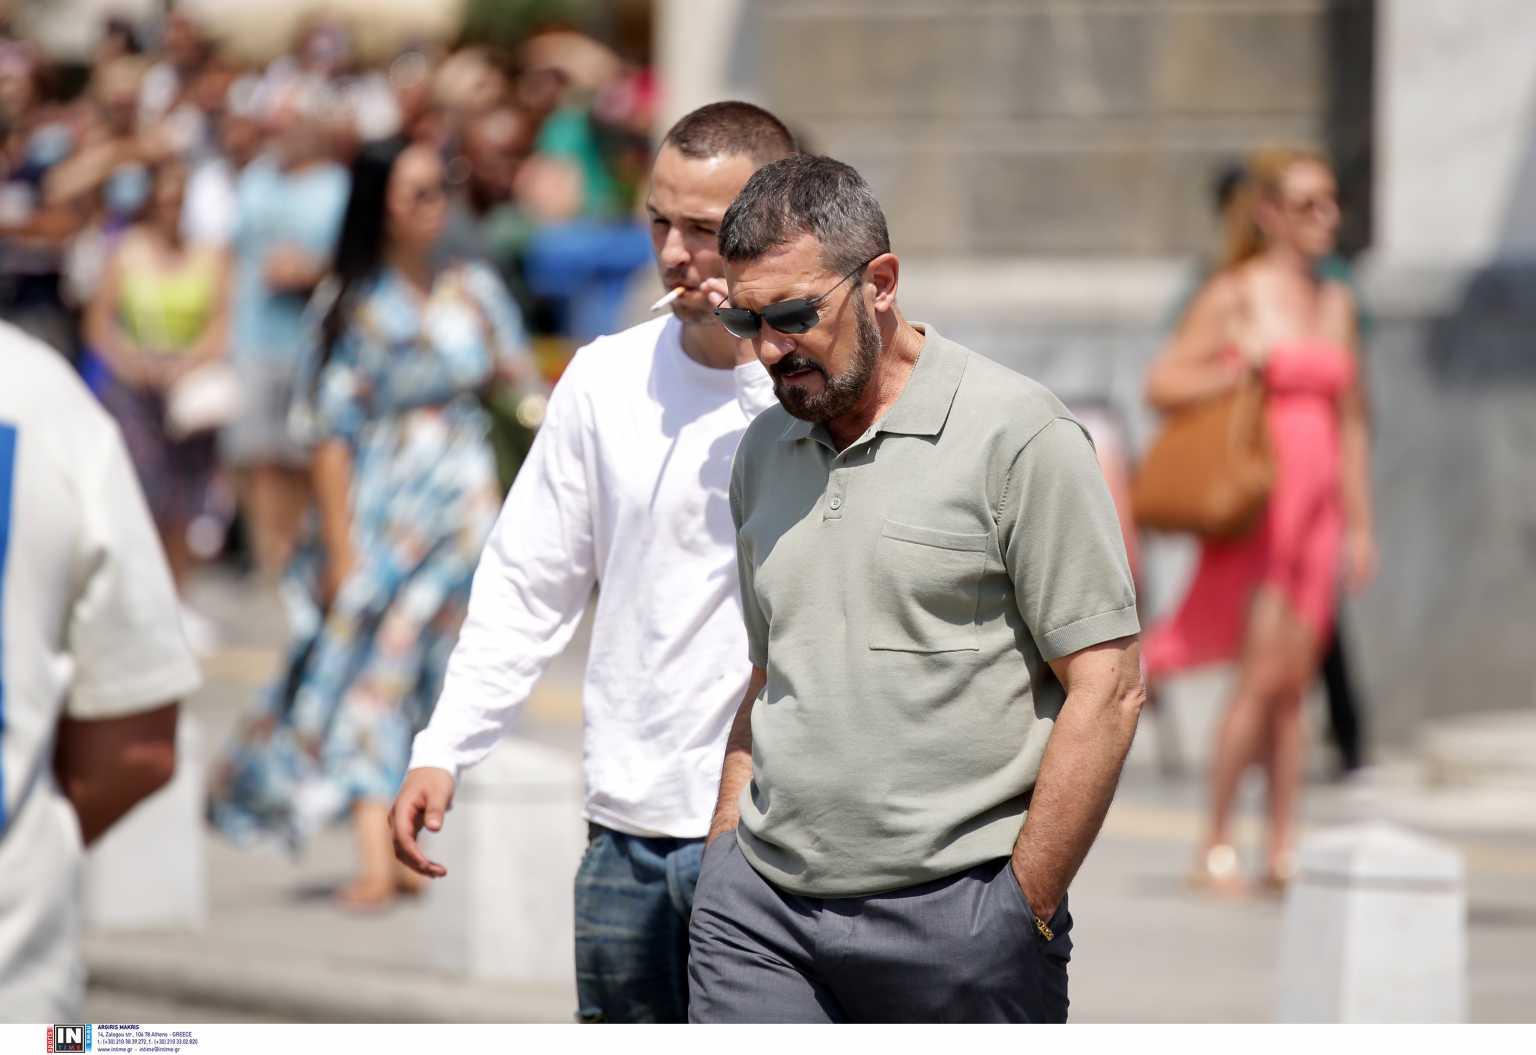 Αντόνιο Μπαντέρας: Ο ρόλος έκπληξη και η συμφωνία που τον έκανε να φύγει από τη Θεσσαλονίκη